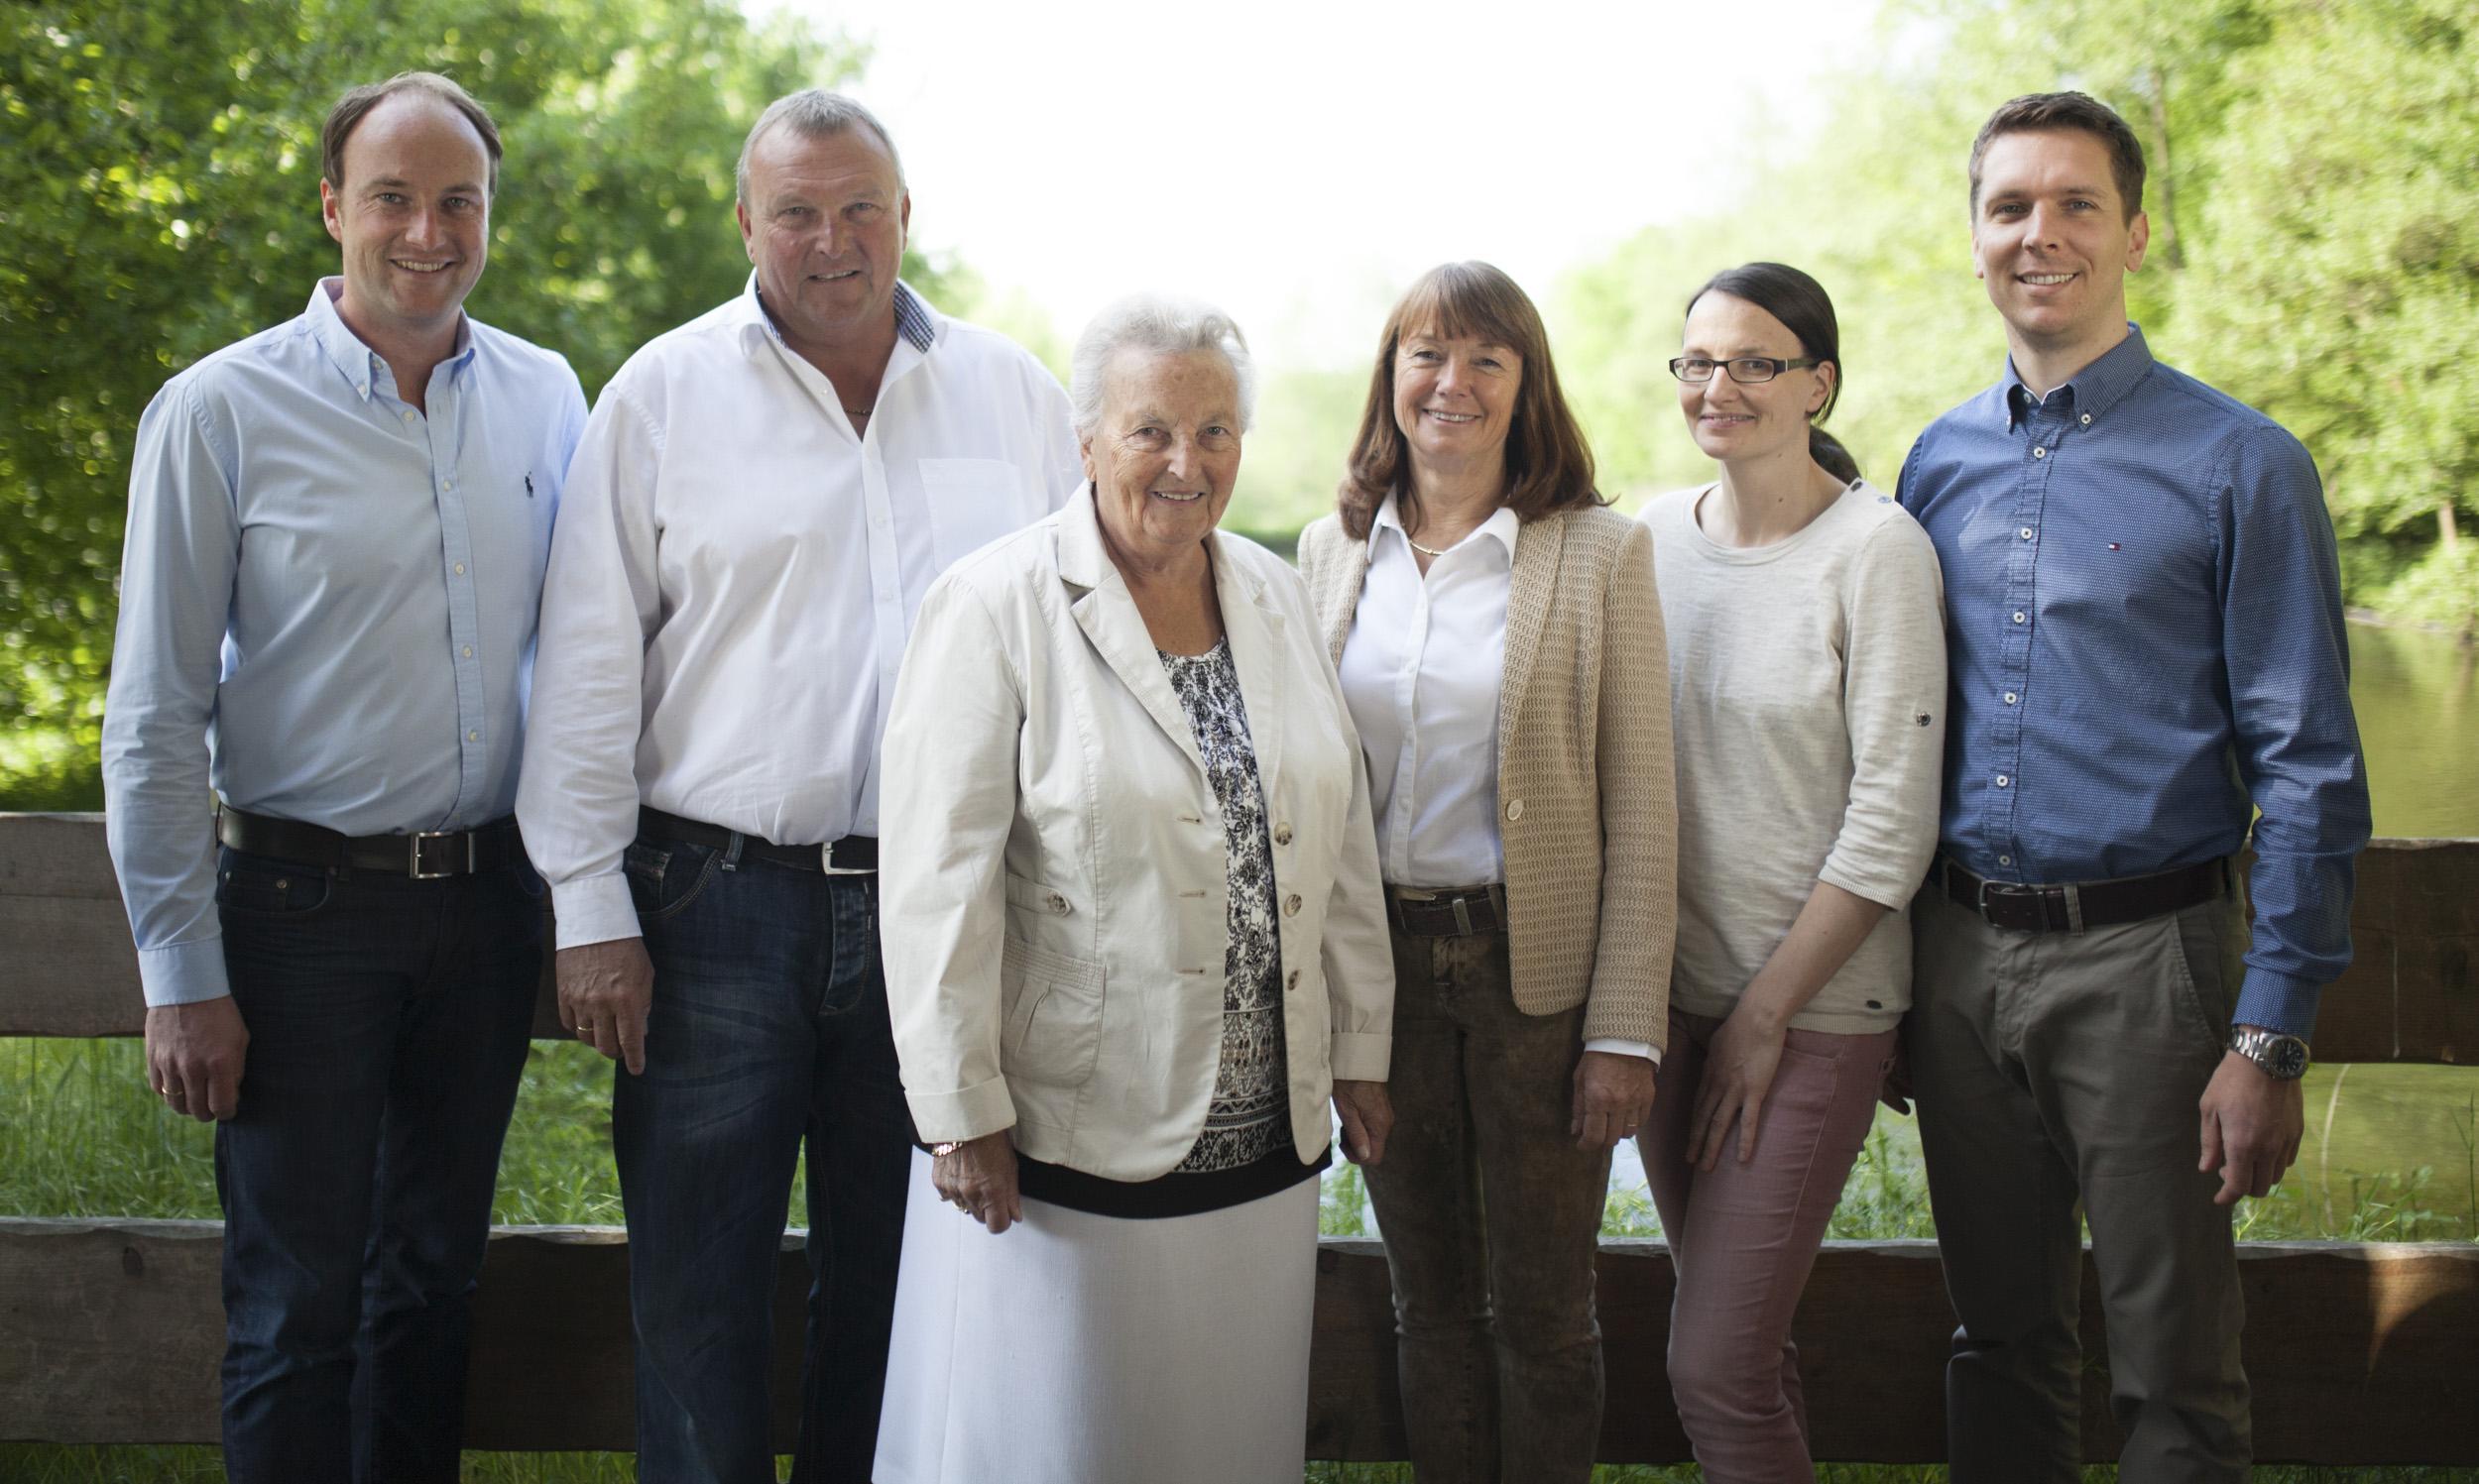 wir-in-der-region-engagement in der region unna-kanne traditionsbäckerei-01.jpg